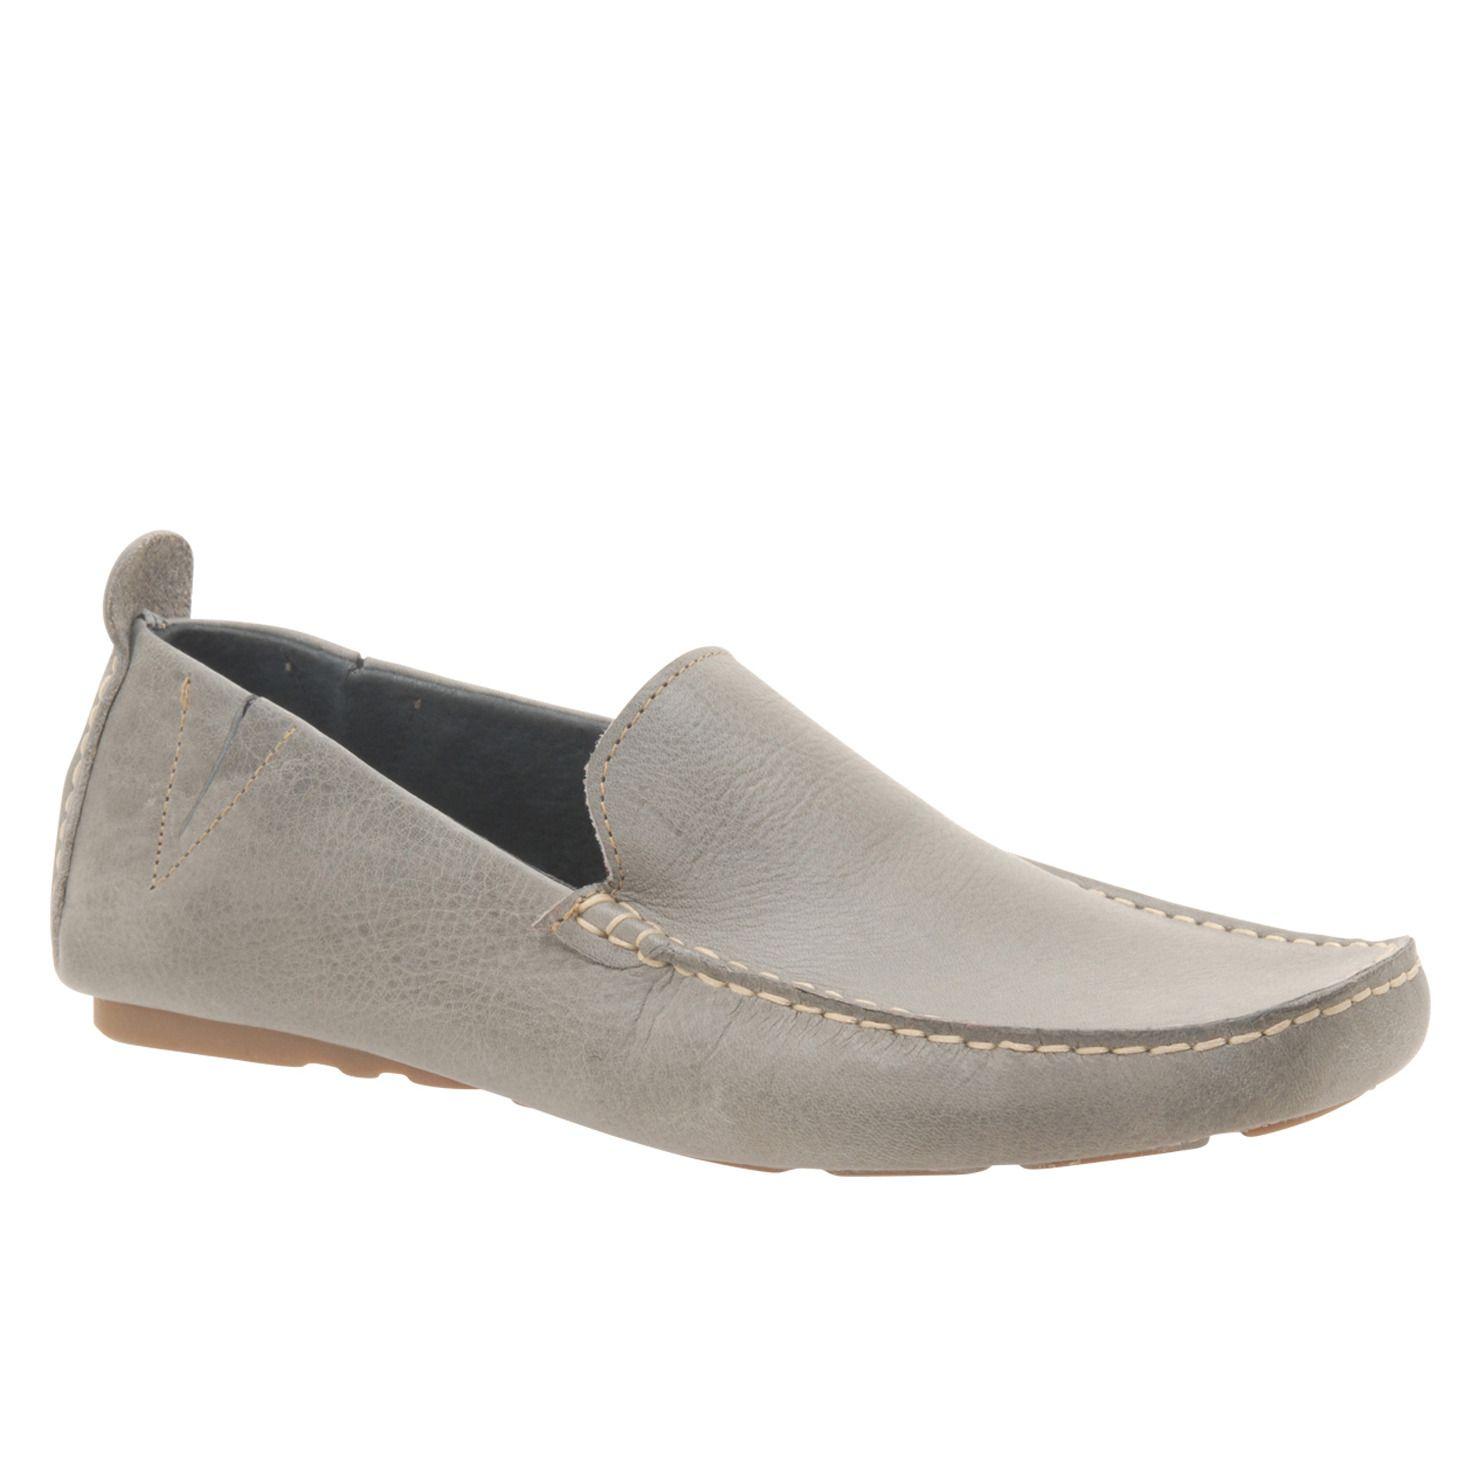 Aldo Shoes Boots Sandals Handbags Accessories Best Shoes For Men Shoes Mens Classic Shoes [ 1481 x 1481 Pixel ]